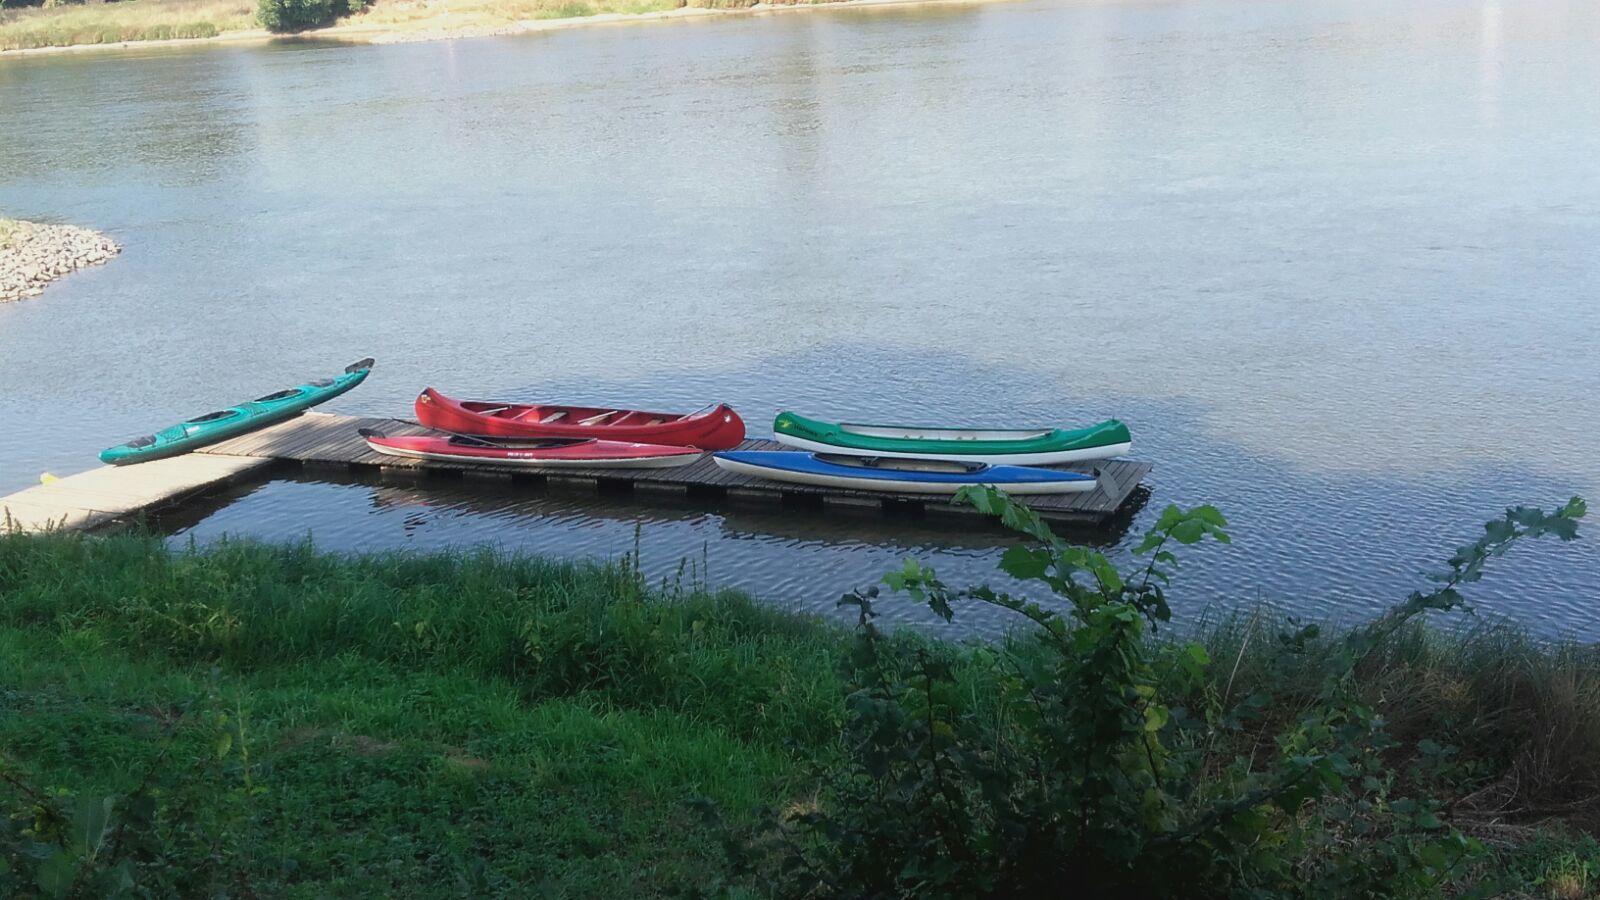 auch die Boote in Wartestellung